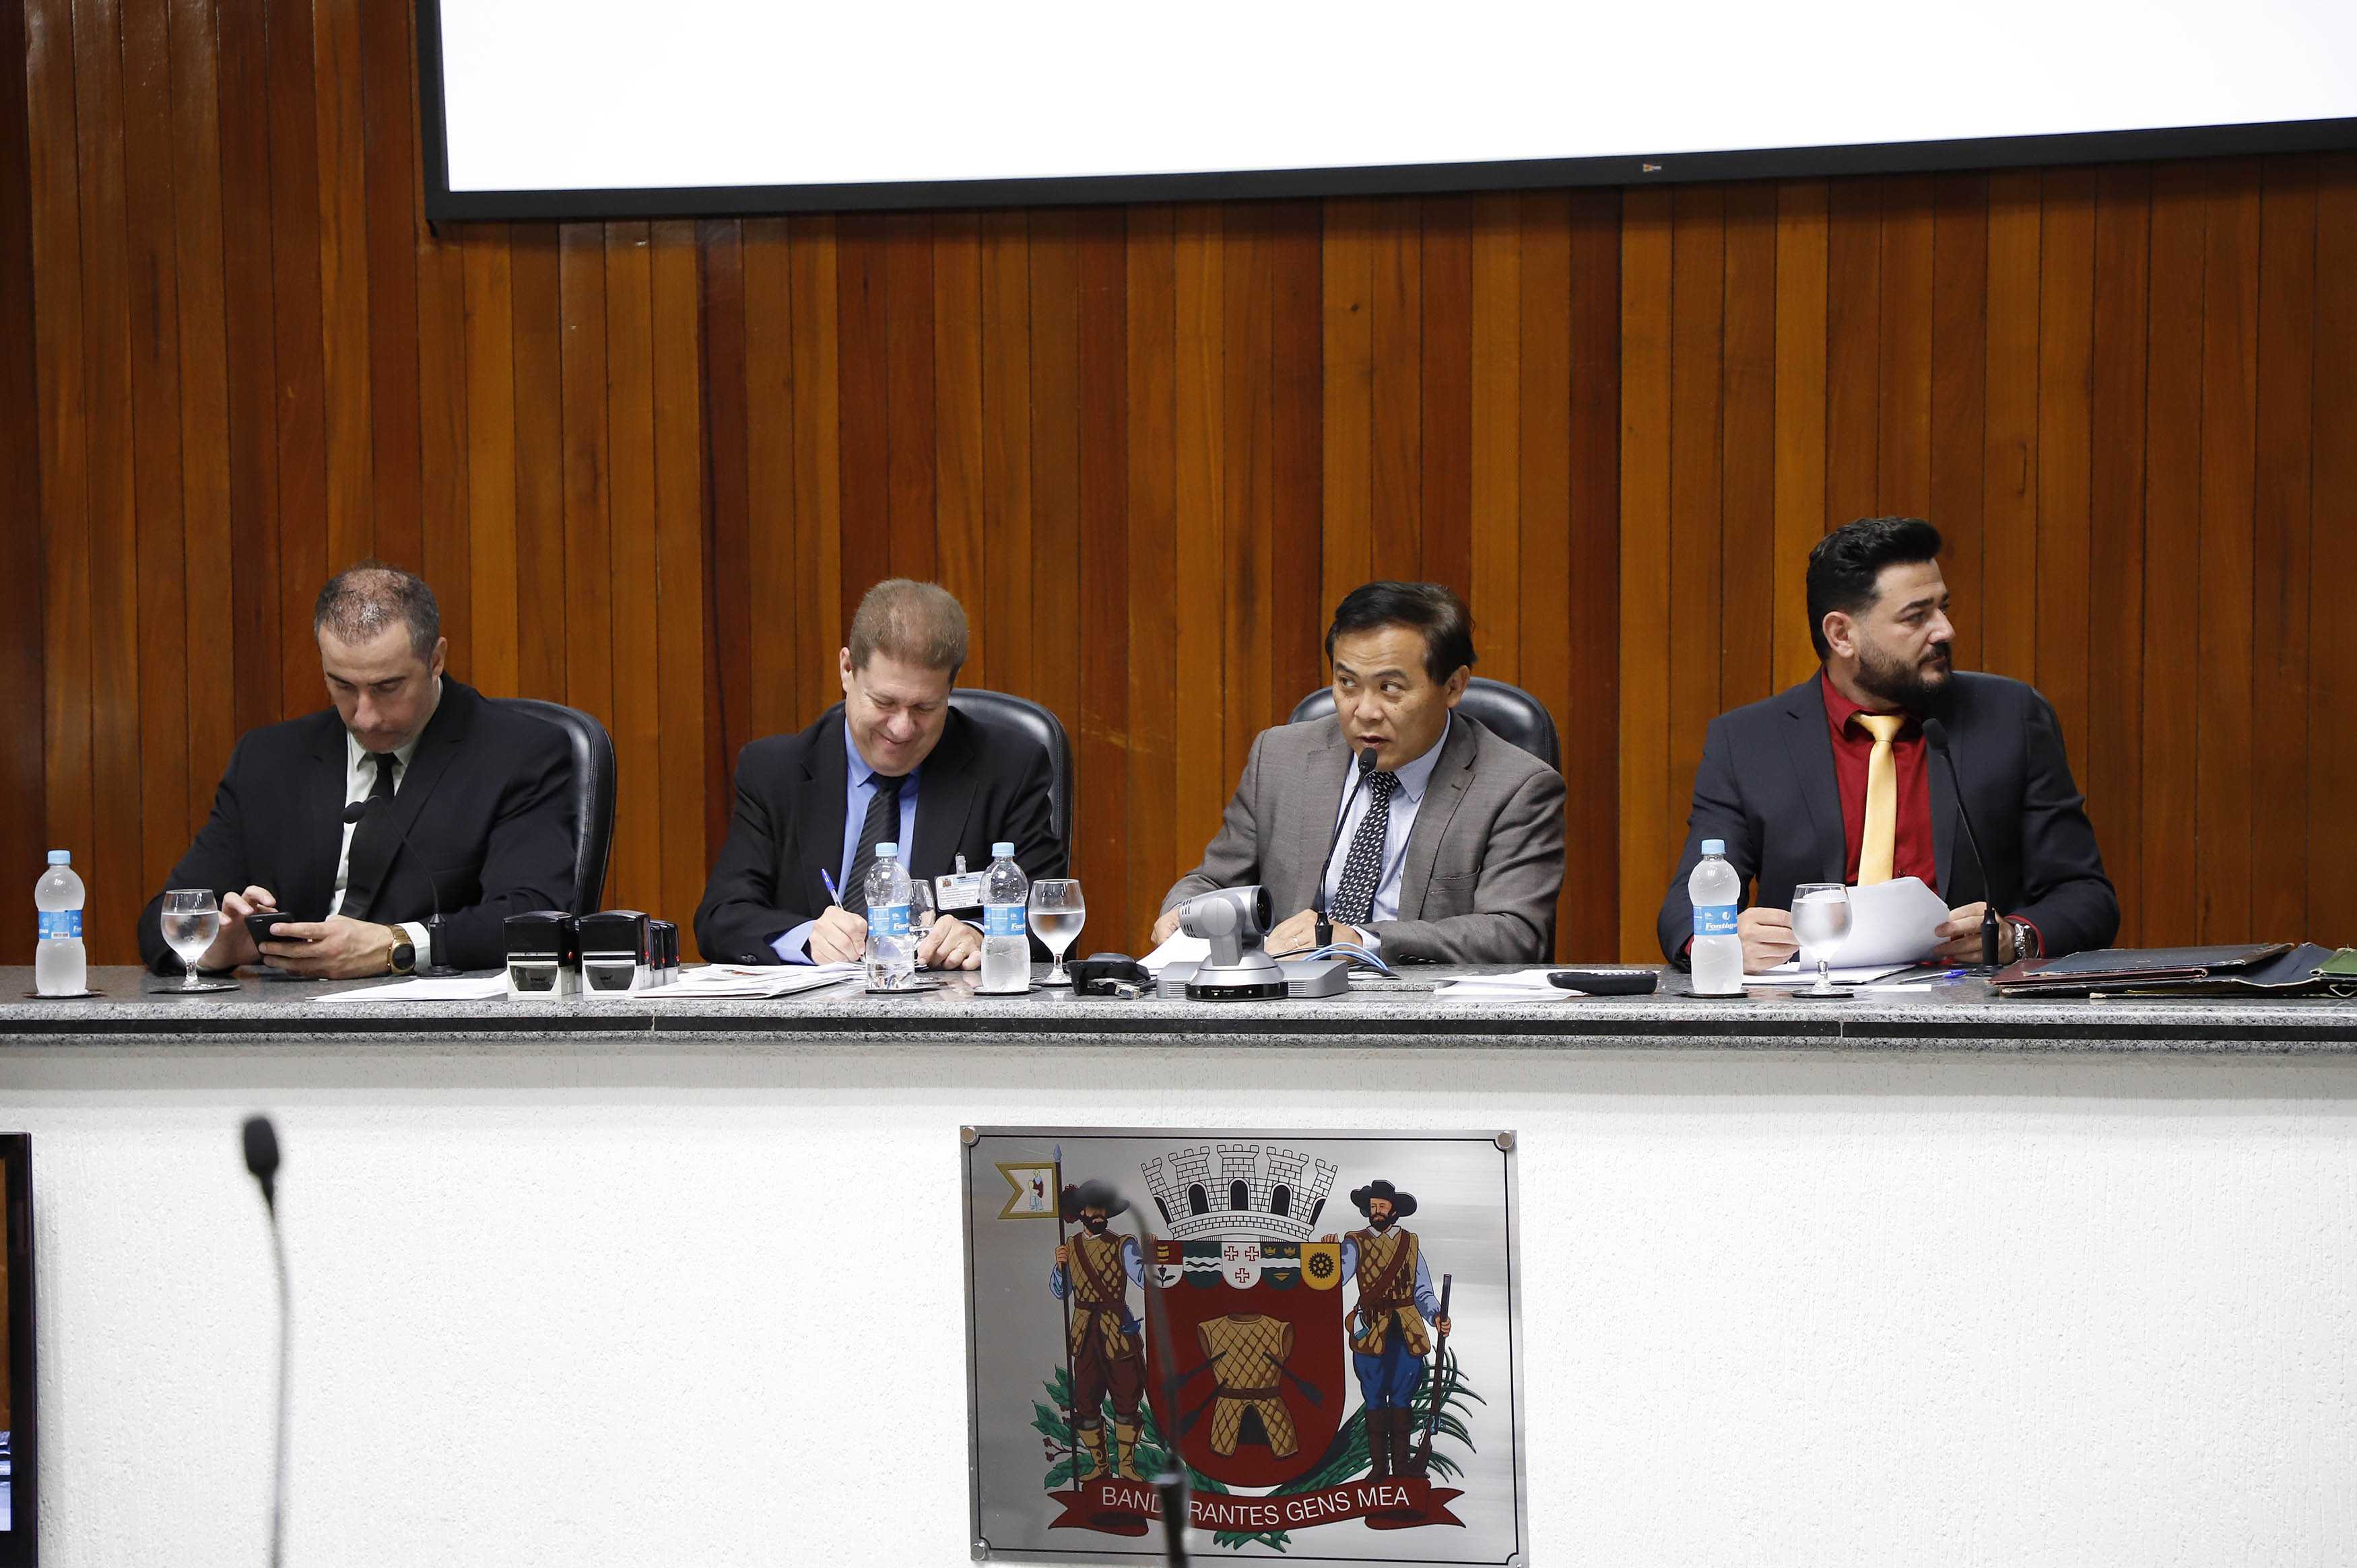 Comissão na Câmara Municipal de Mogi das Cruzes